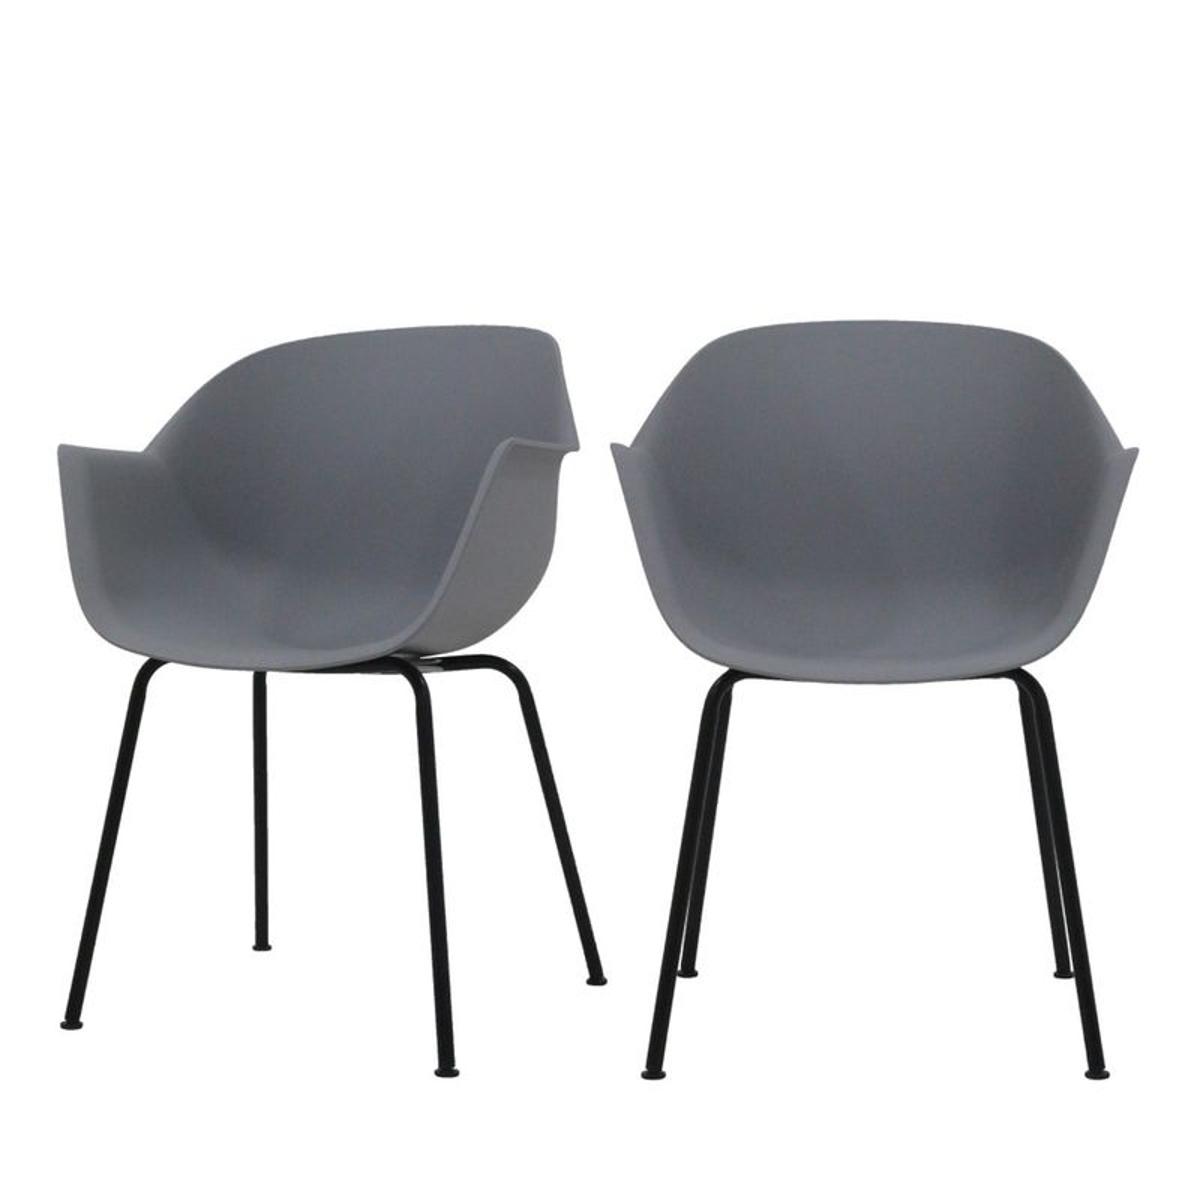 Wiseman - 2 chaises design pieds métal